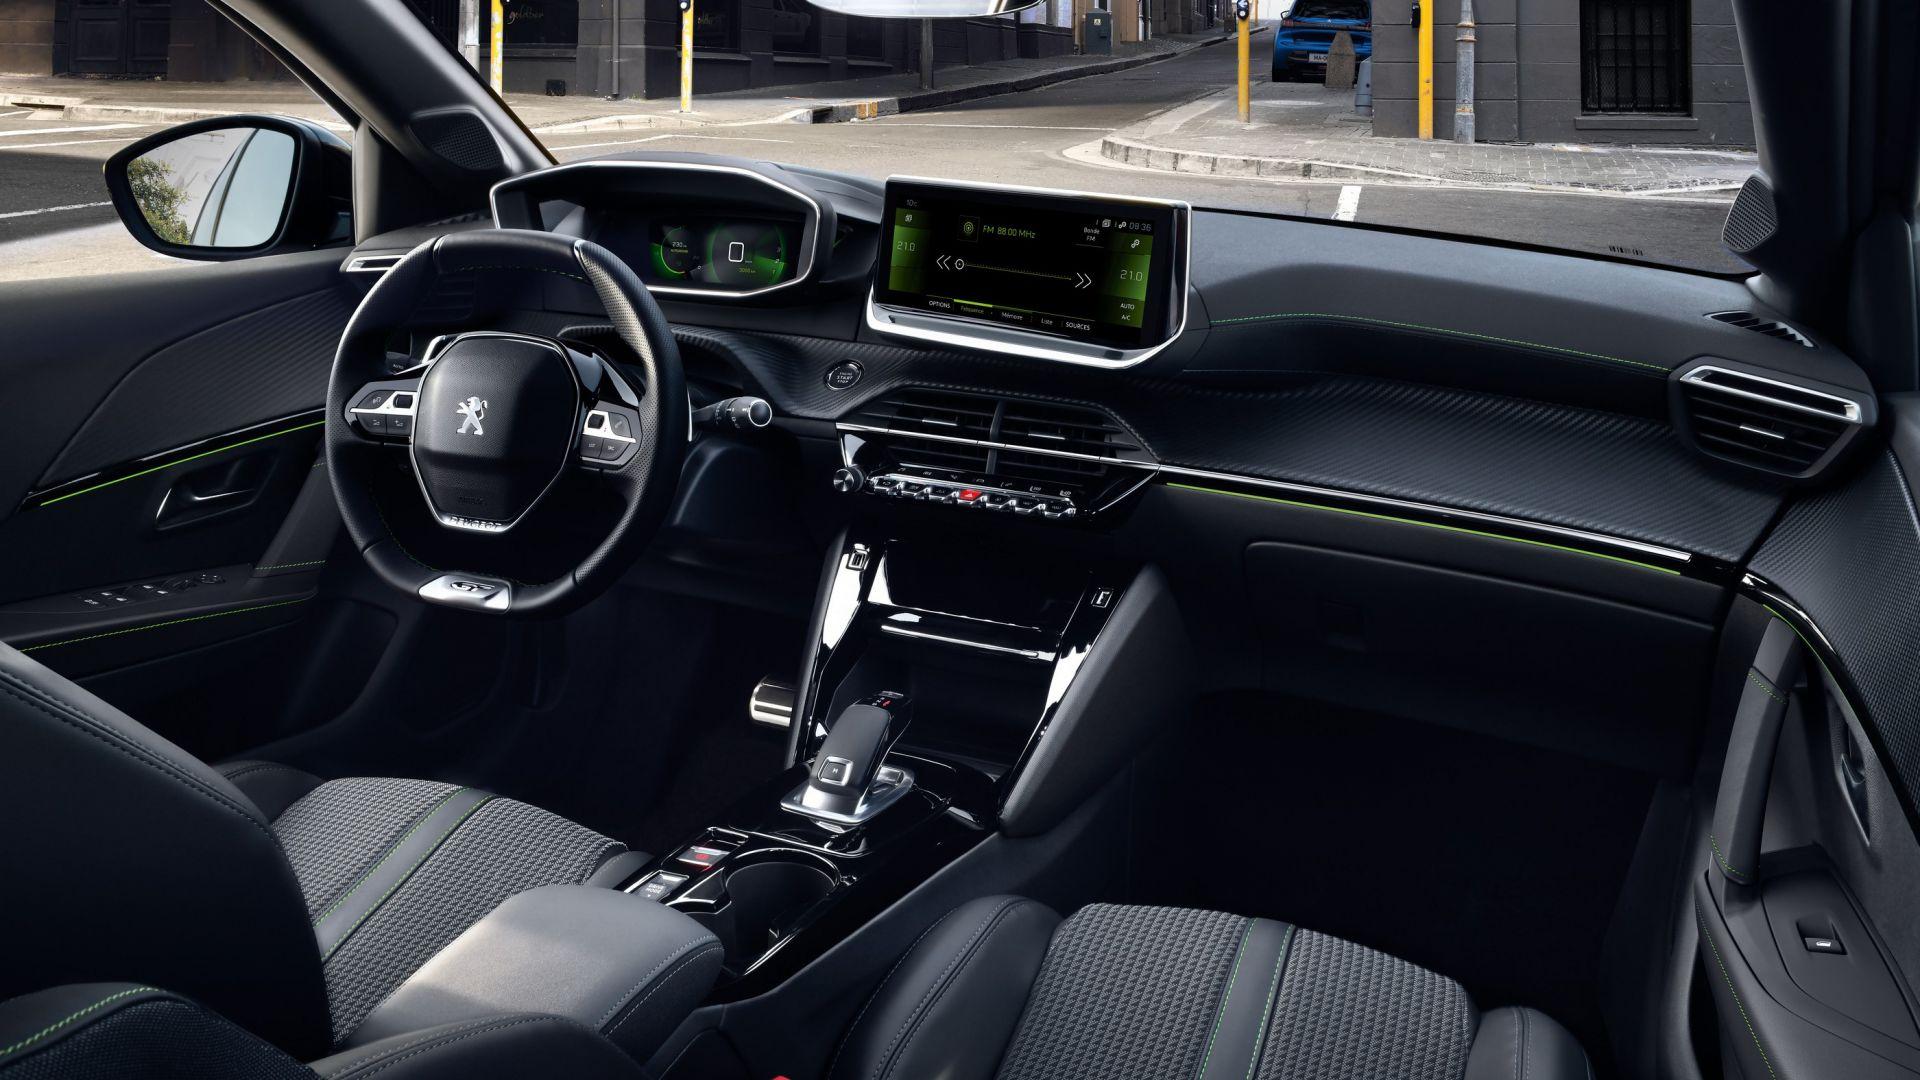 Nuova Peugeot 208 2019: Novità, Interni, Uscita E Prezzo